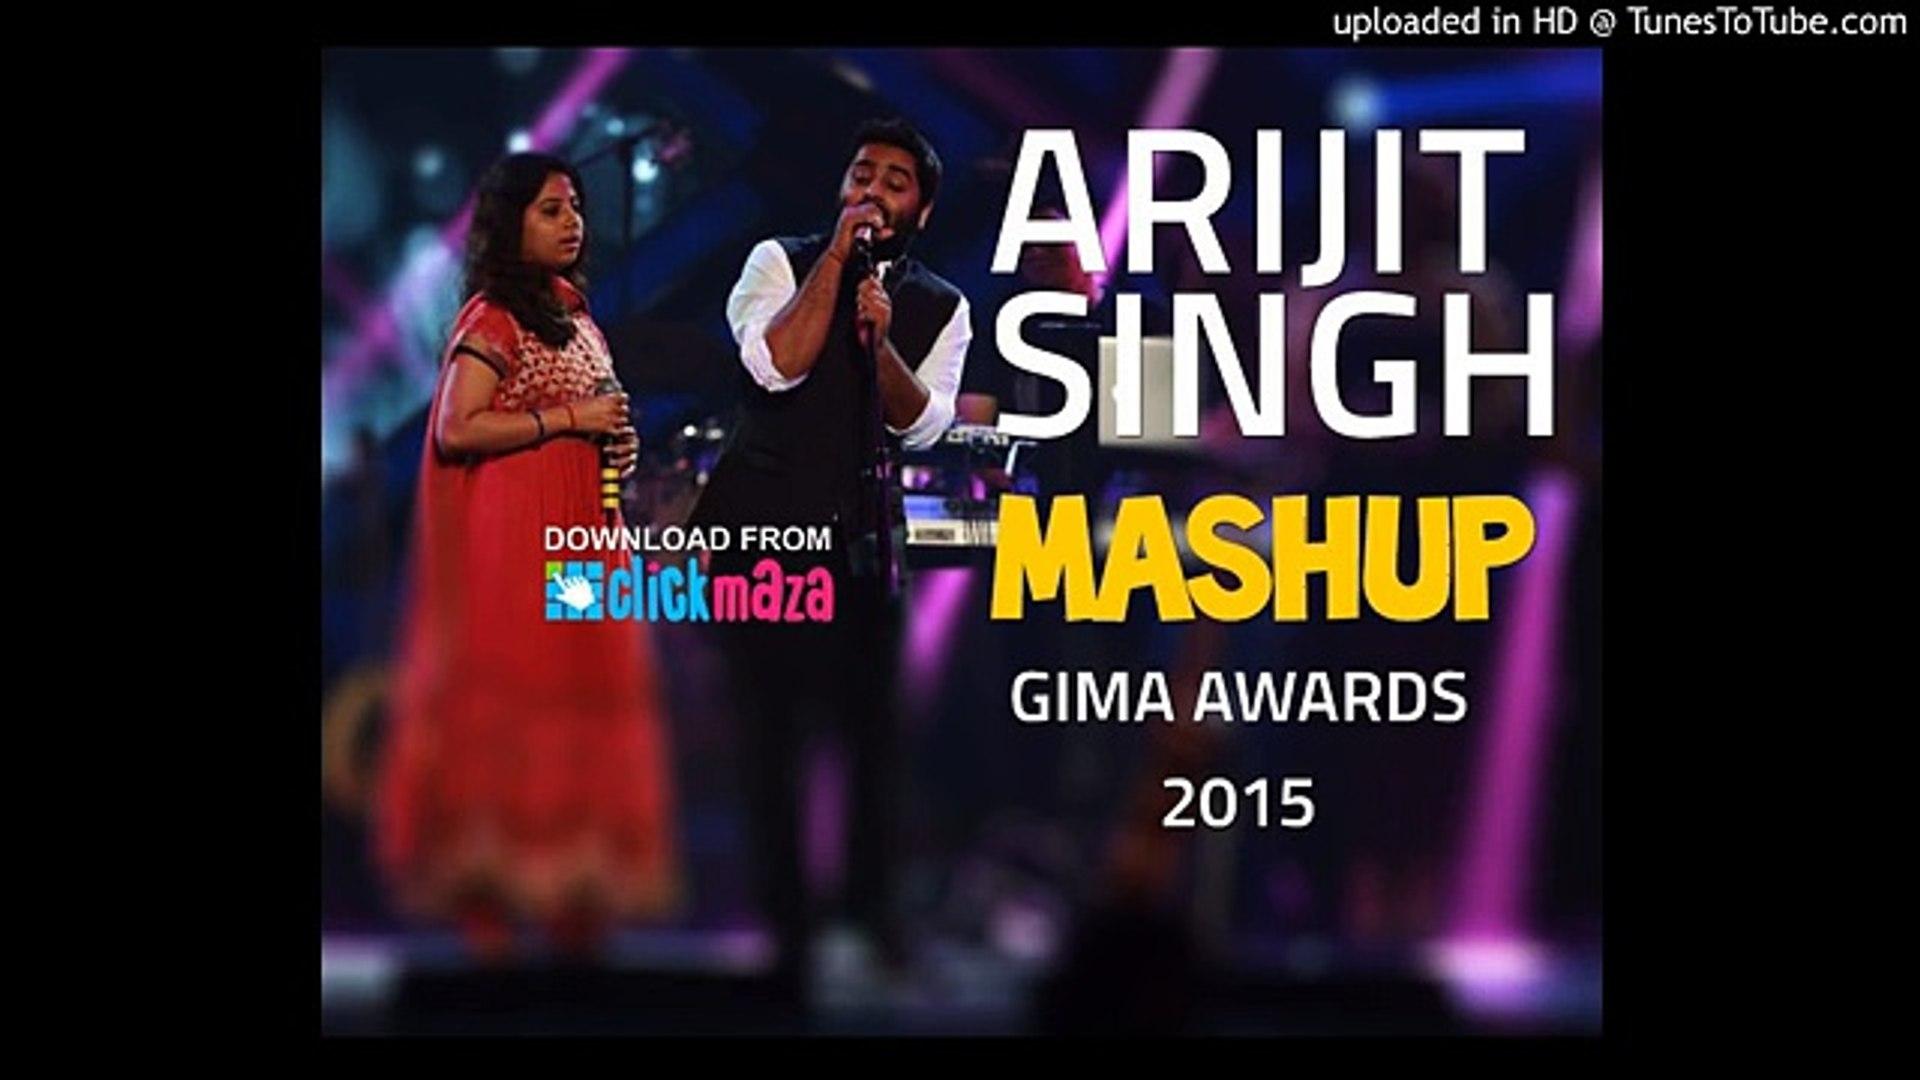 Arijit Singh MASHUP 2016 top songs best songs new songs upcoming songs latest songs sad songs hindi